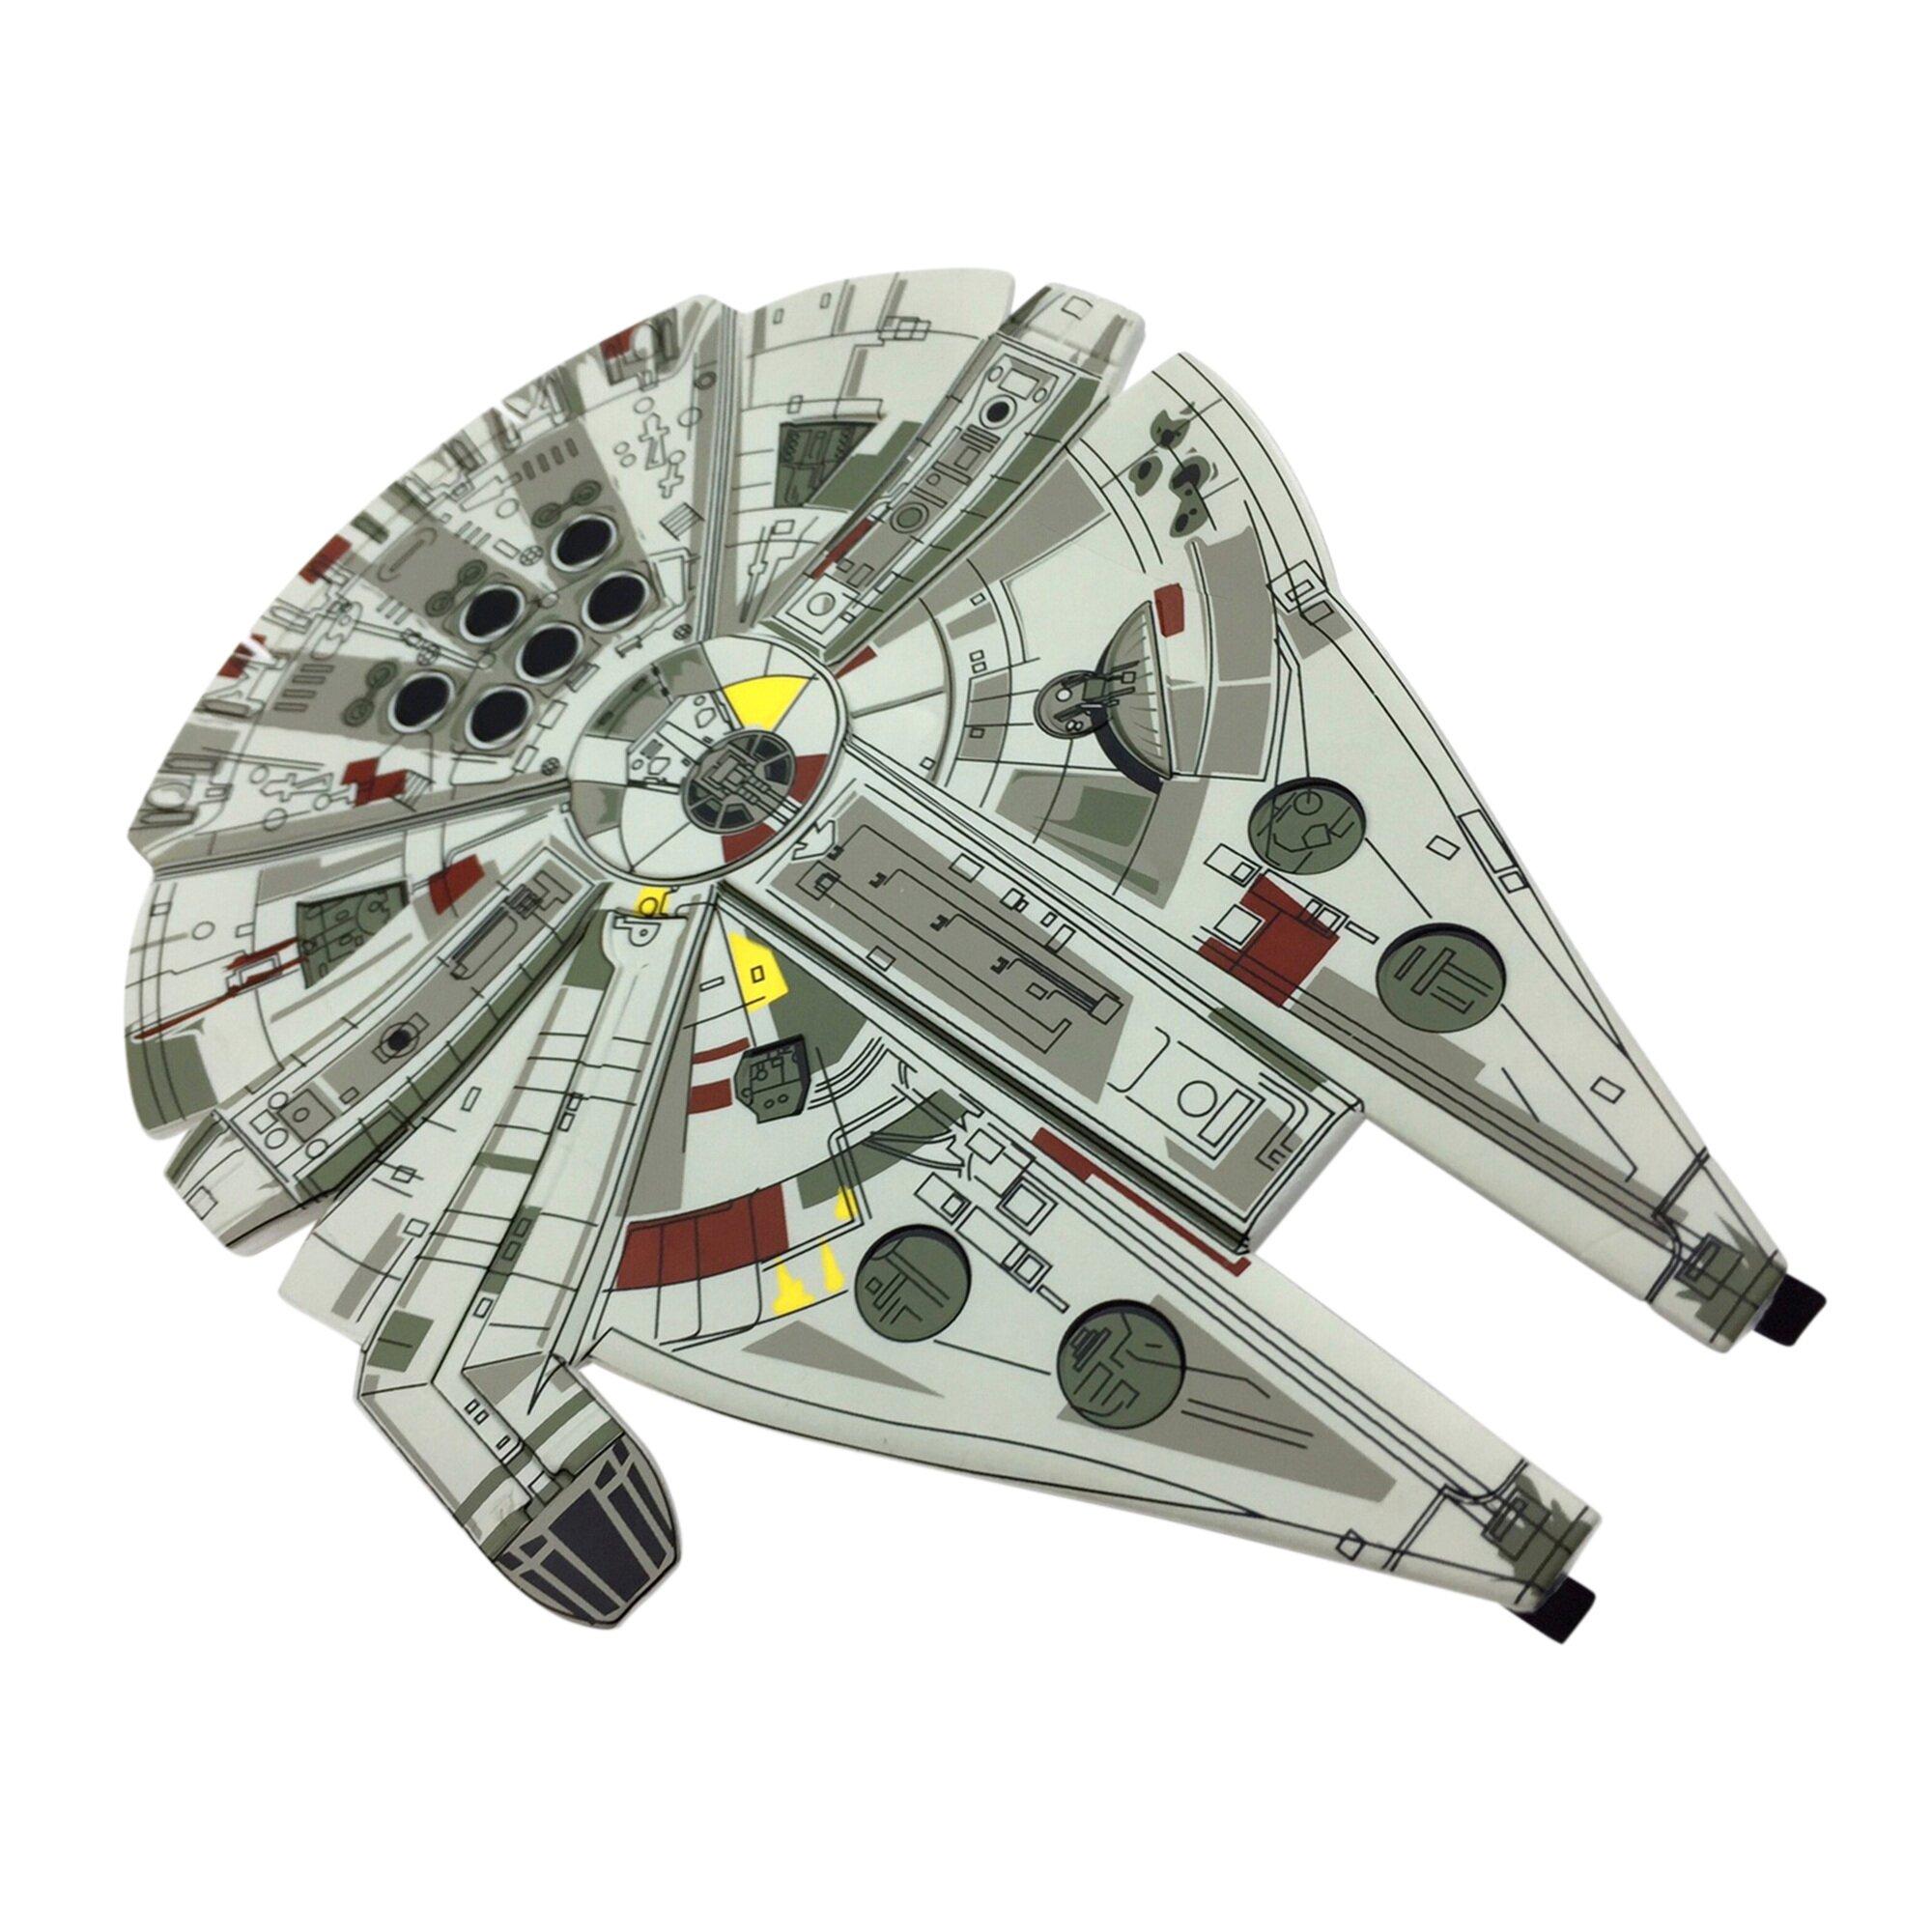 star-wars-wurfgleiter-super-flyer-millennium-falcon, 4.50 EUR @ babywalz-de